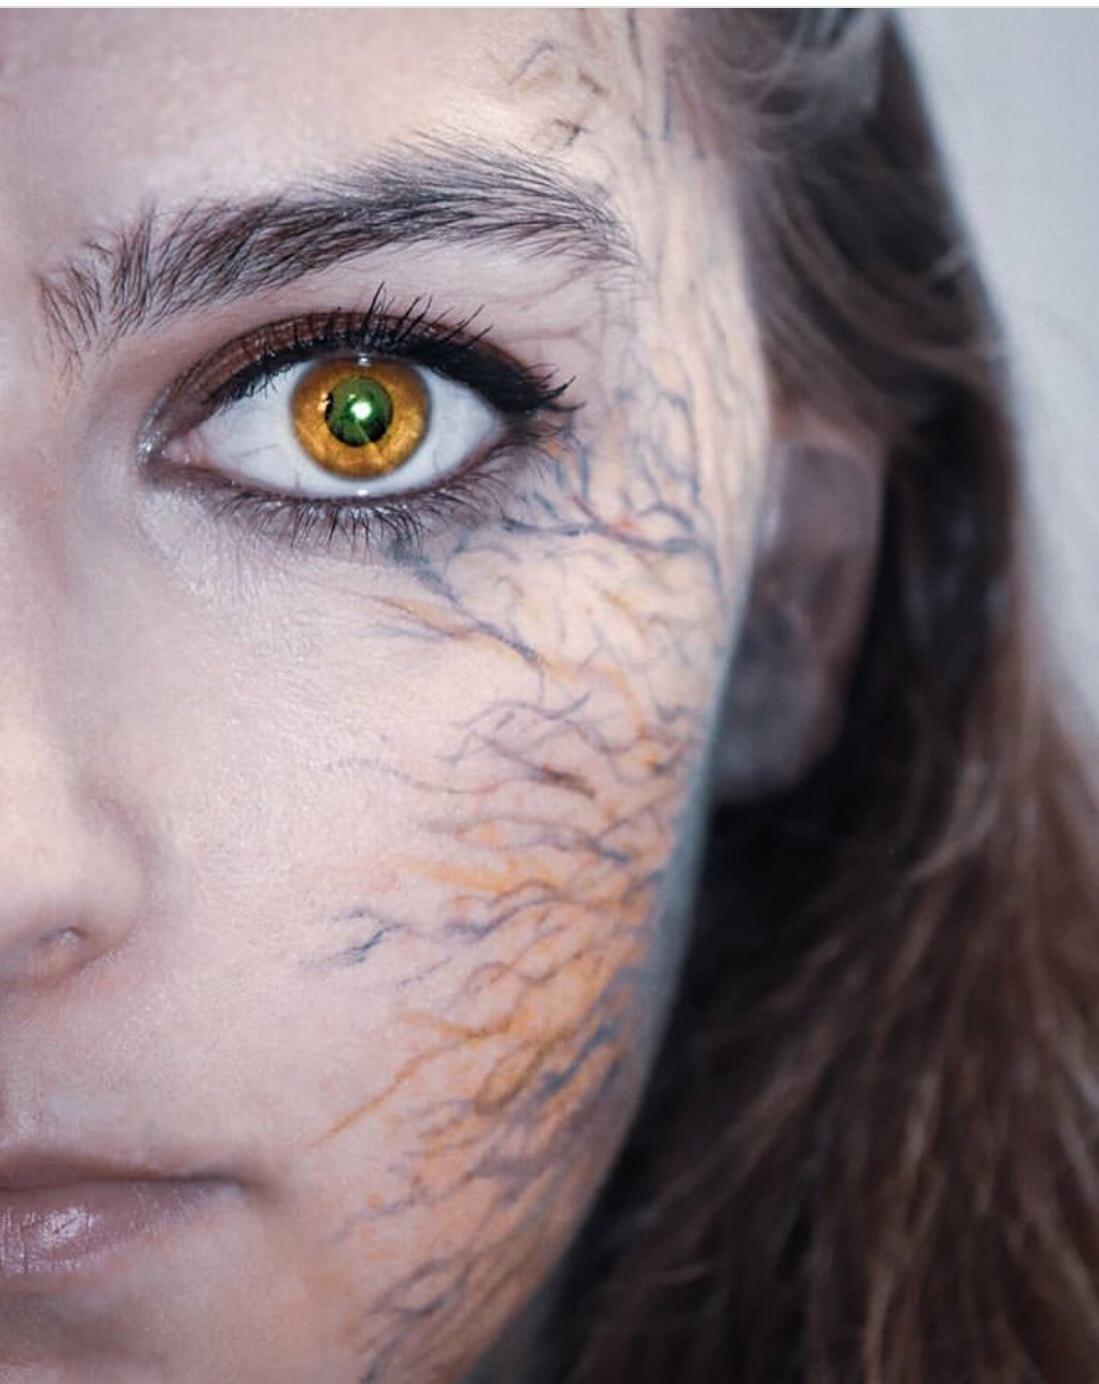 zombie infection halloween makeup tips